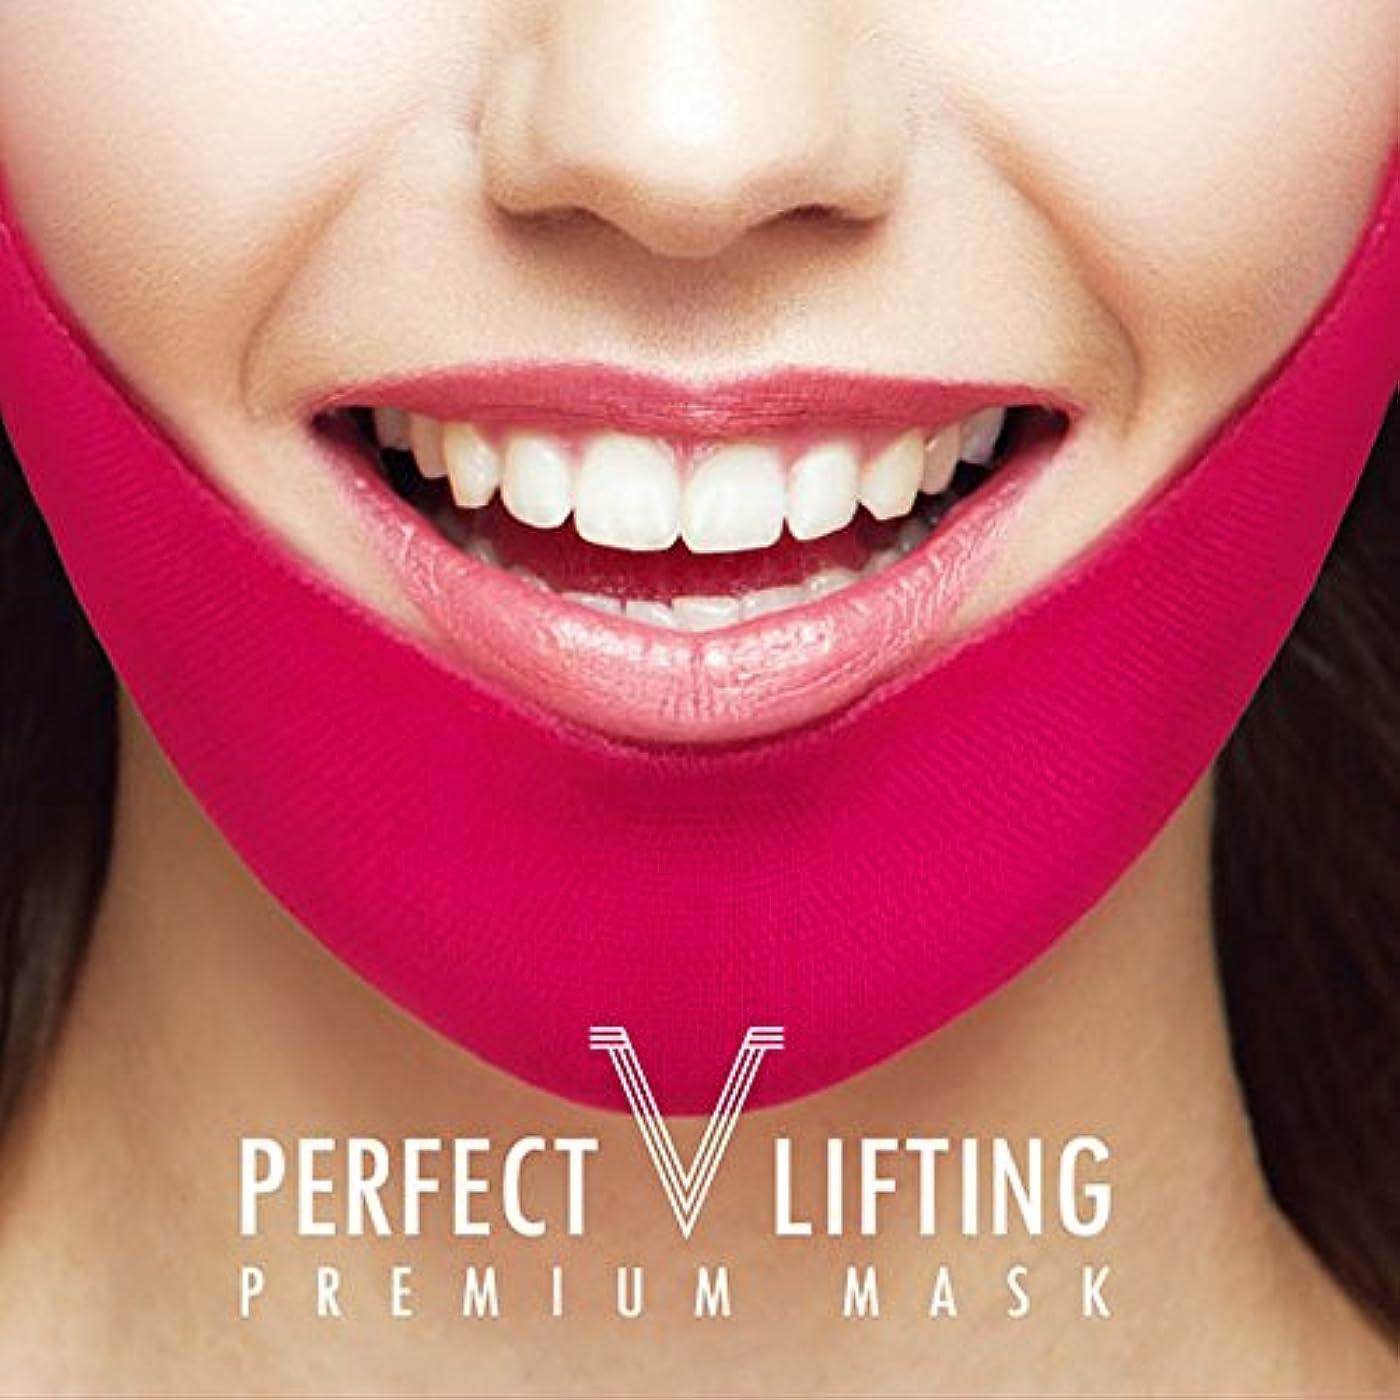 言うまでもなく最適晴れAvajar パーフェクト V リフティング プレミアムマスク エイバザール マスク フェイスマスク 小顔効果と顎ラインを取り戻す 1パック